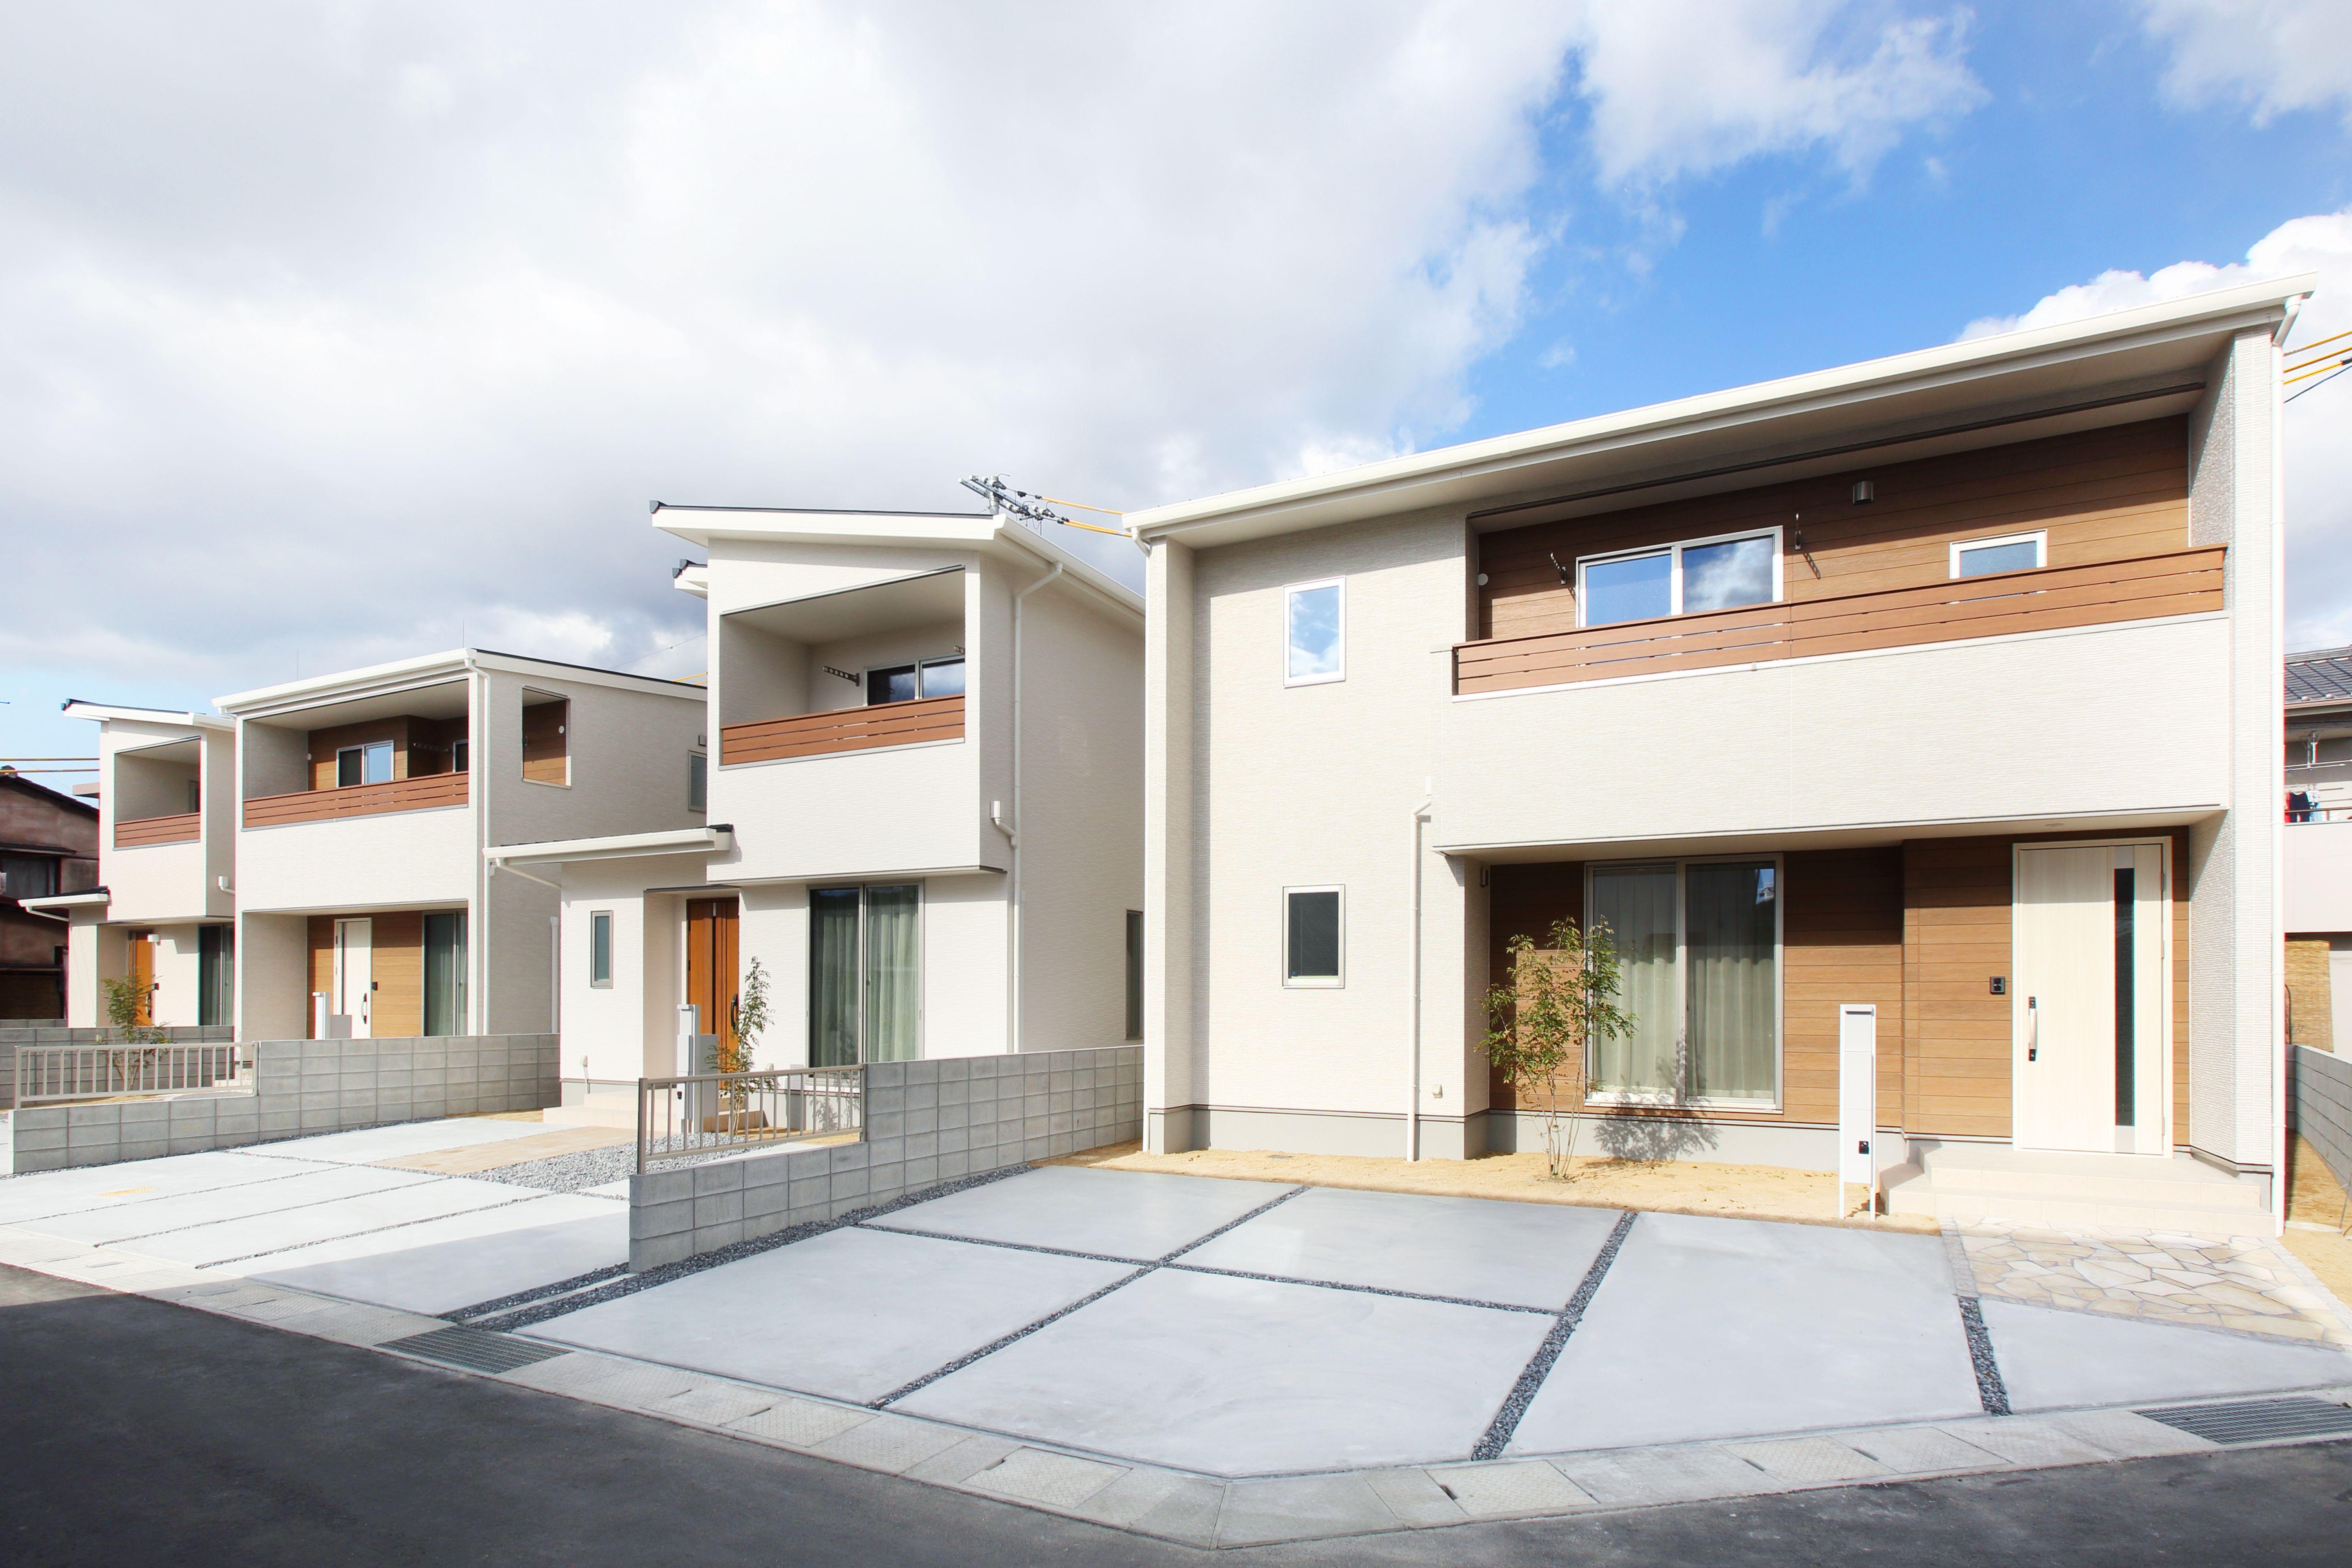 ヘルシーホームの建売住宅 設計士が考えたシンプルで住みやすい住まい